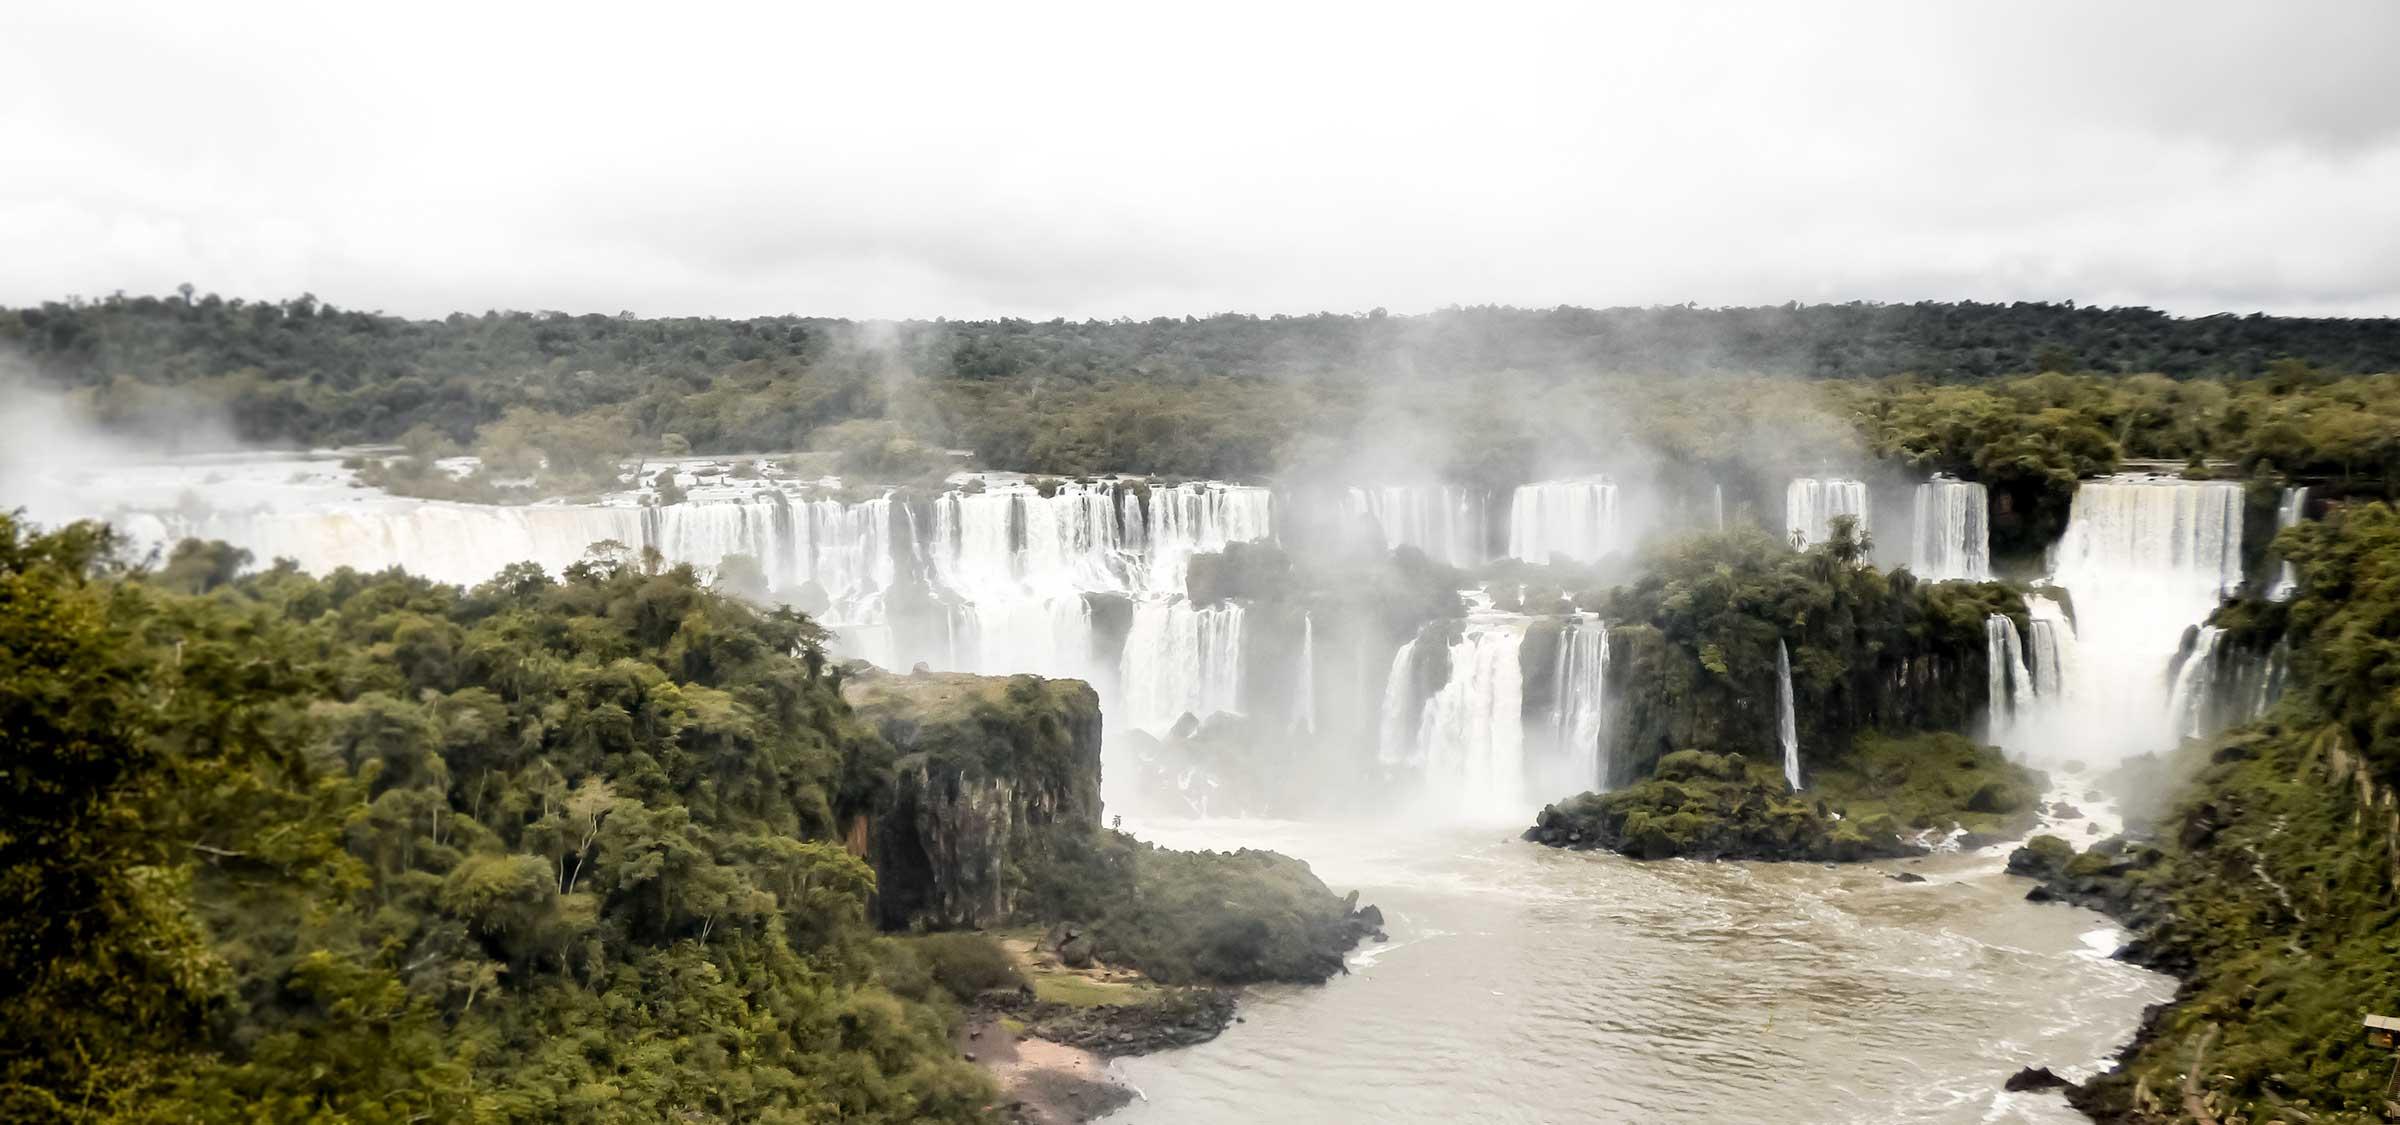 Wanderlust: Brazil Travel Tips